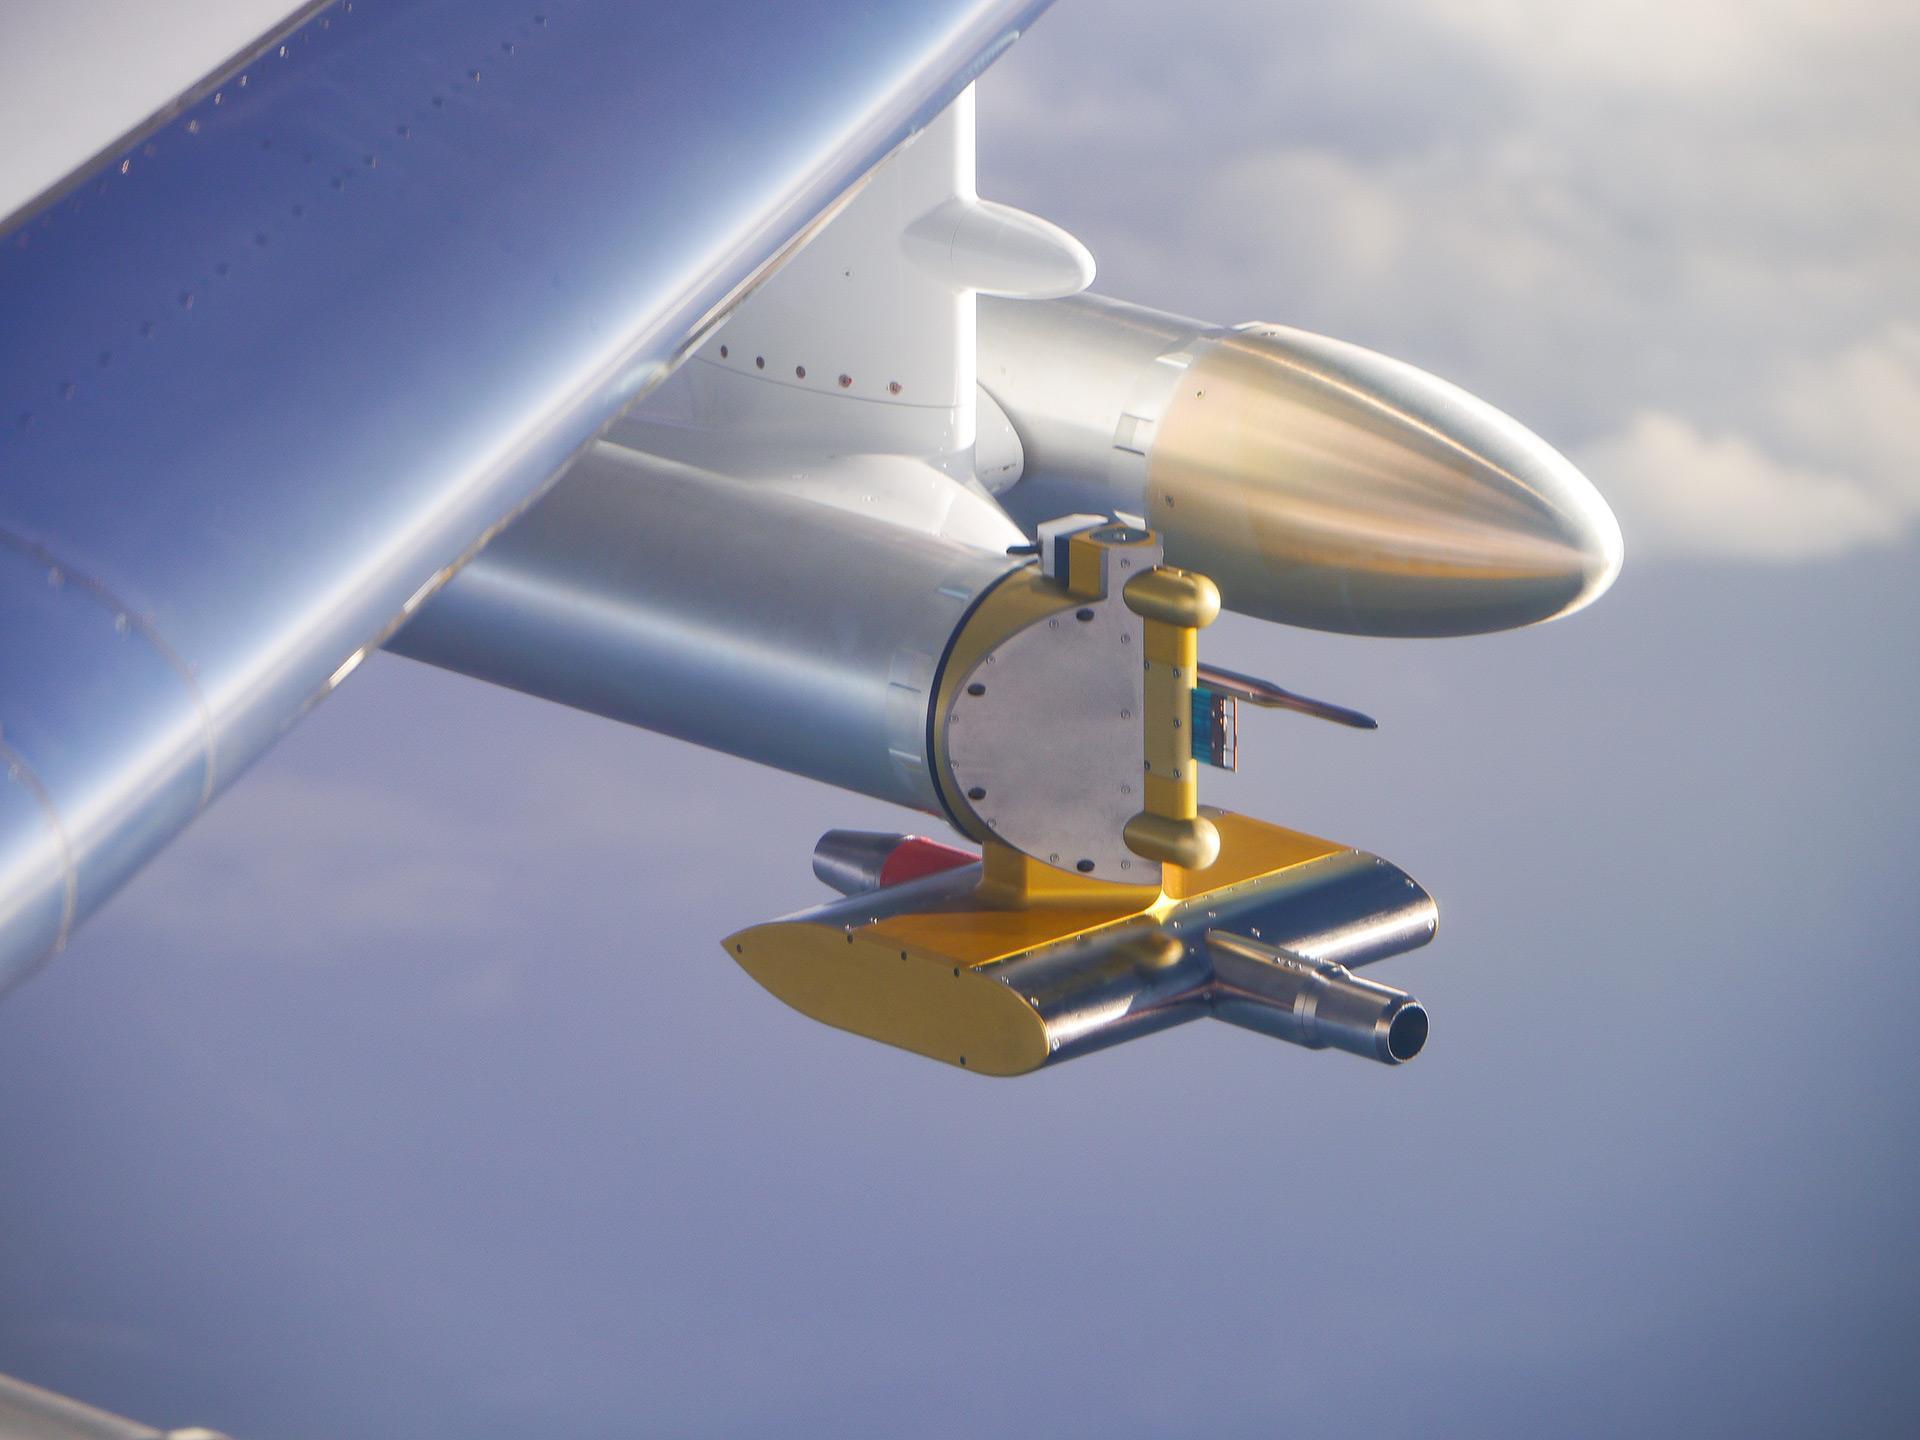 Forschungsflugzeug HALO - Wolkensonde zur Messung der Eigenschaften von Eiskristallen